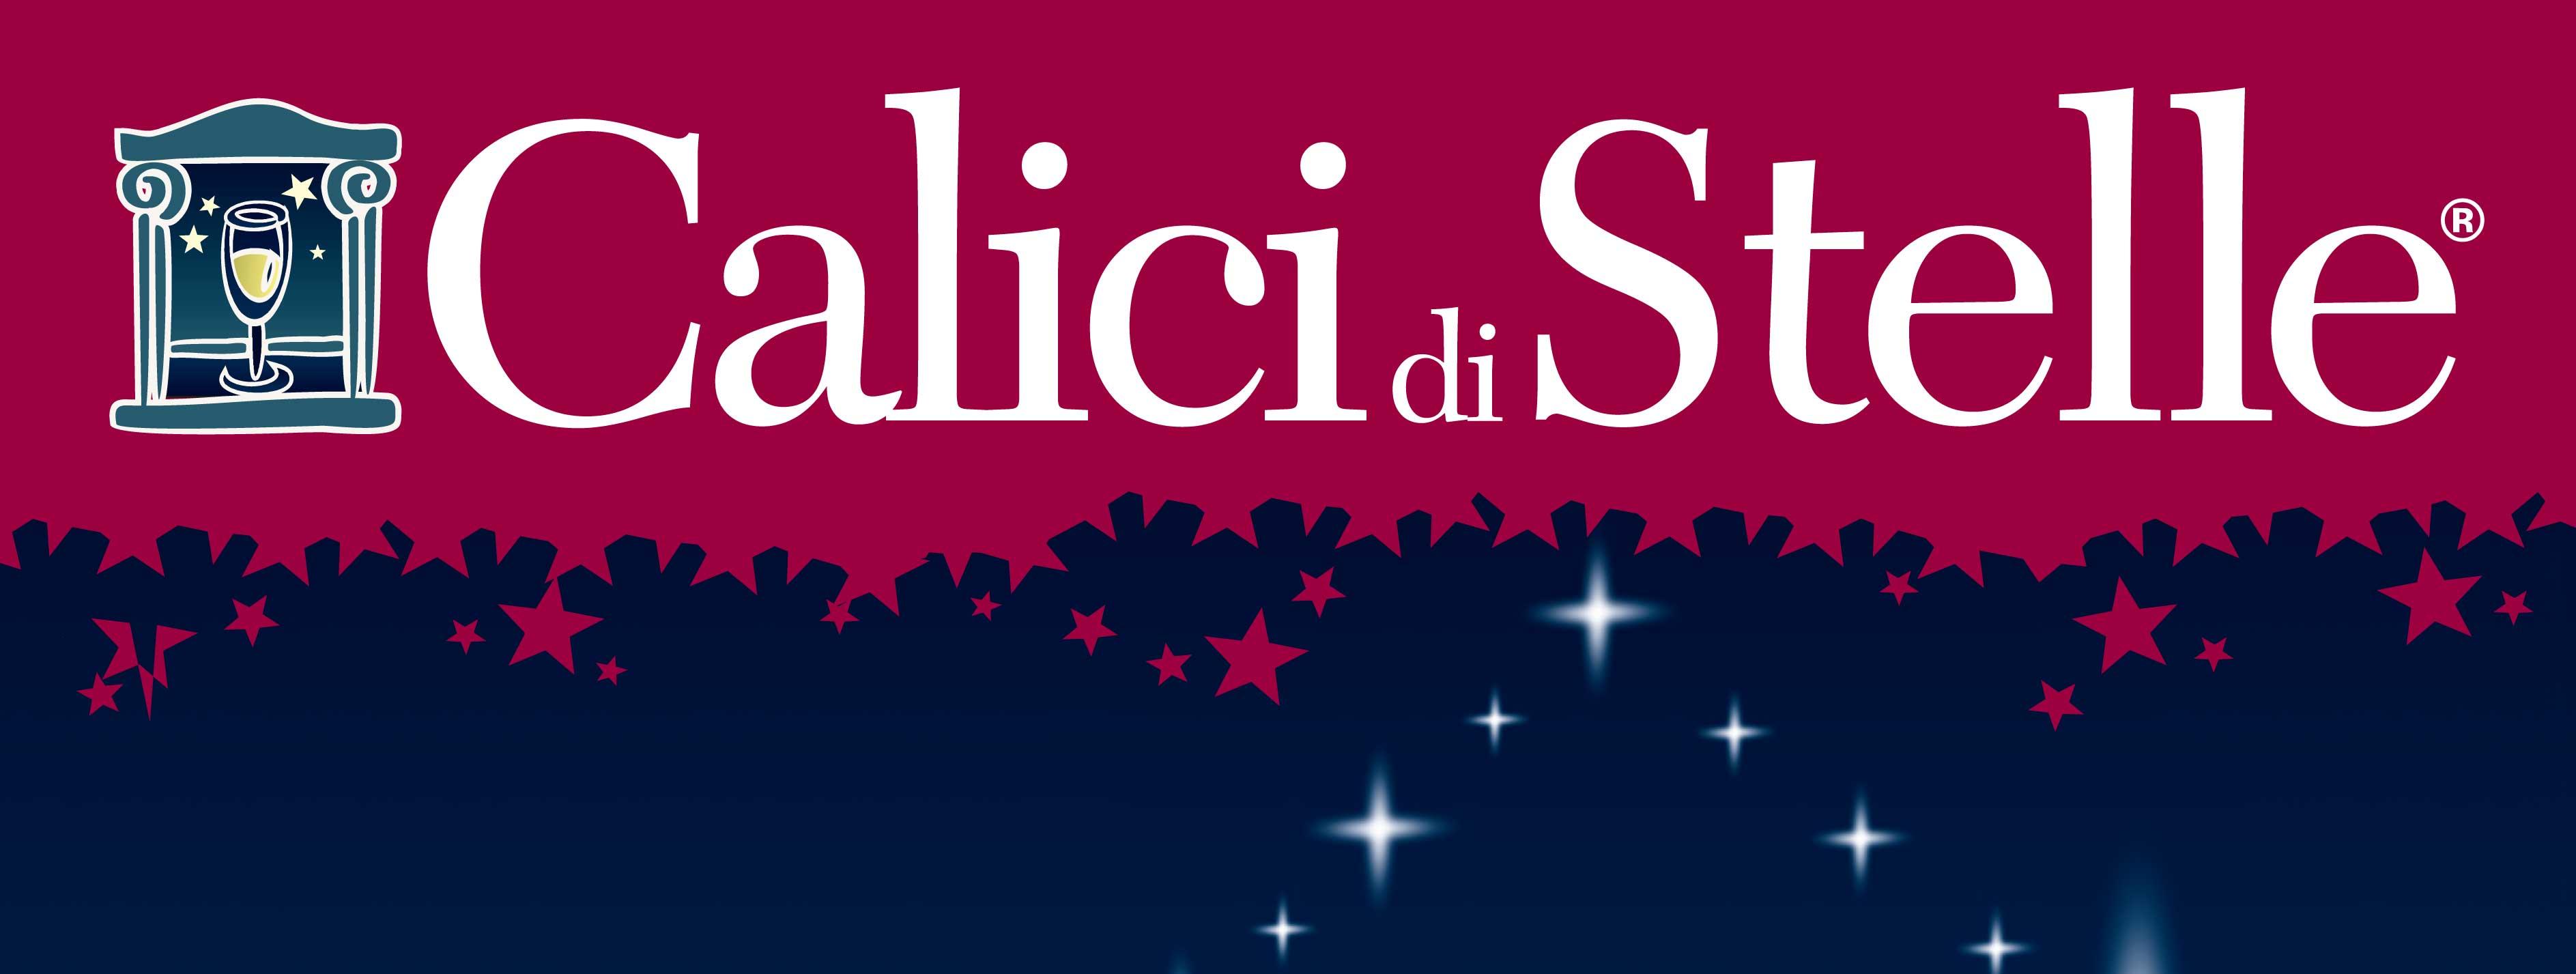 """Torna Calici di Stelle: nelle notti dal 2 al 12 agosto Vino, cultura e """"occhi al cielo""""  Il 20 luglio anteprima nazionale al Casinò di Venezia"""